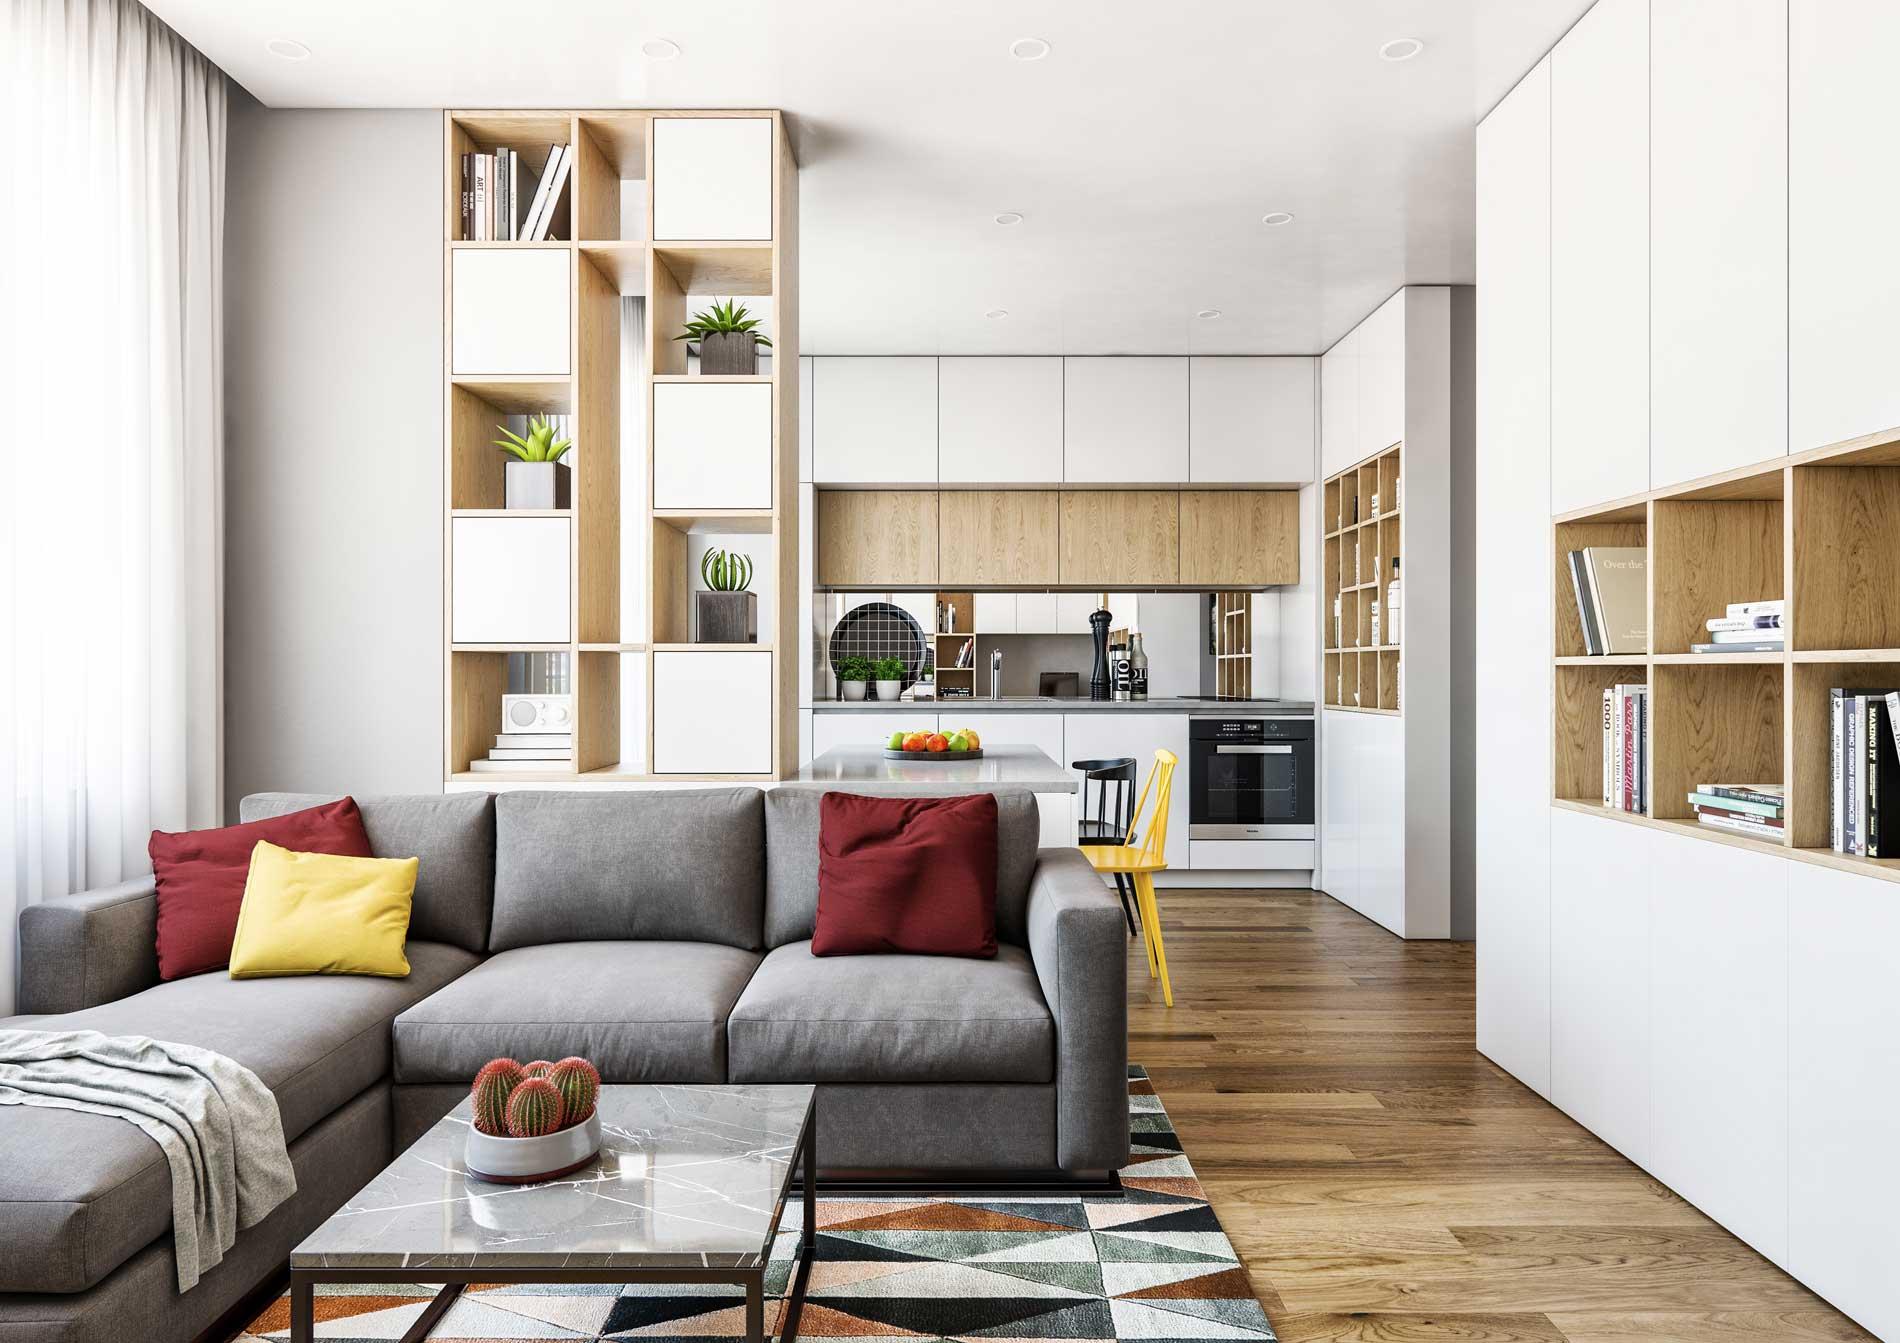 Проект за дизайн на апартамент - функционално разпределение